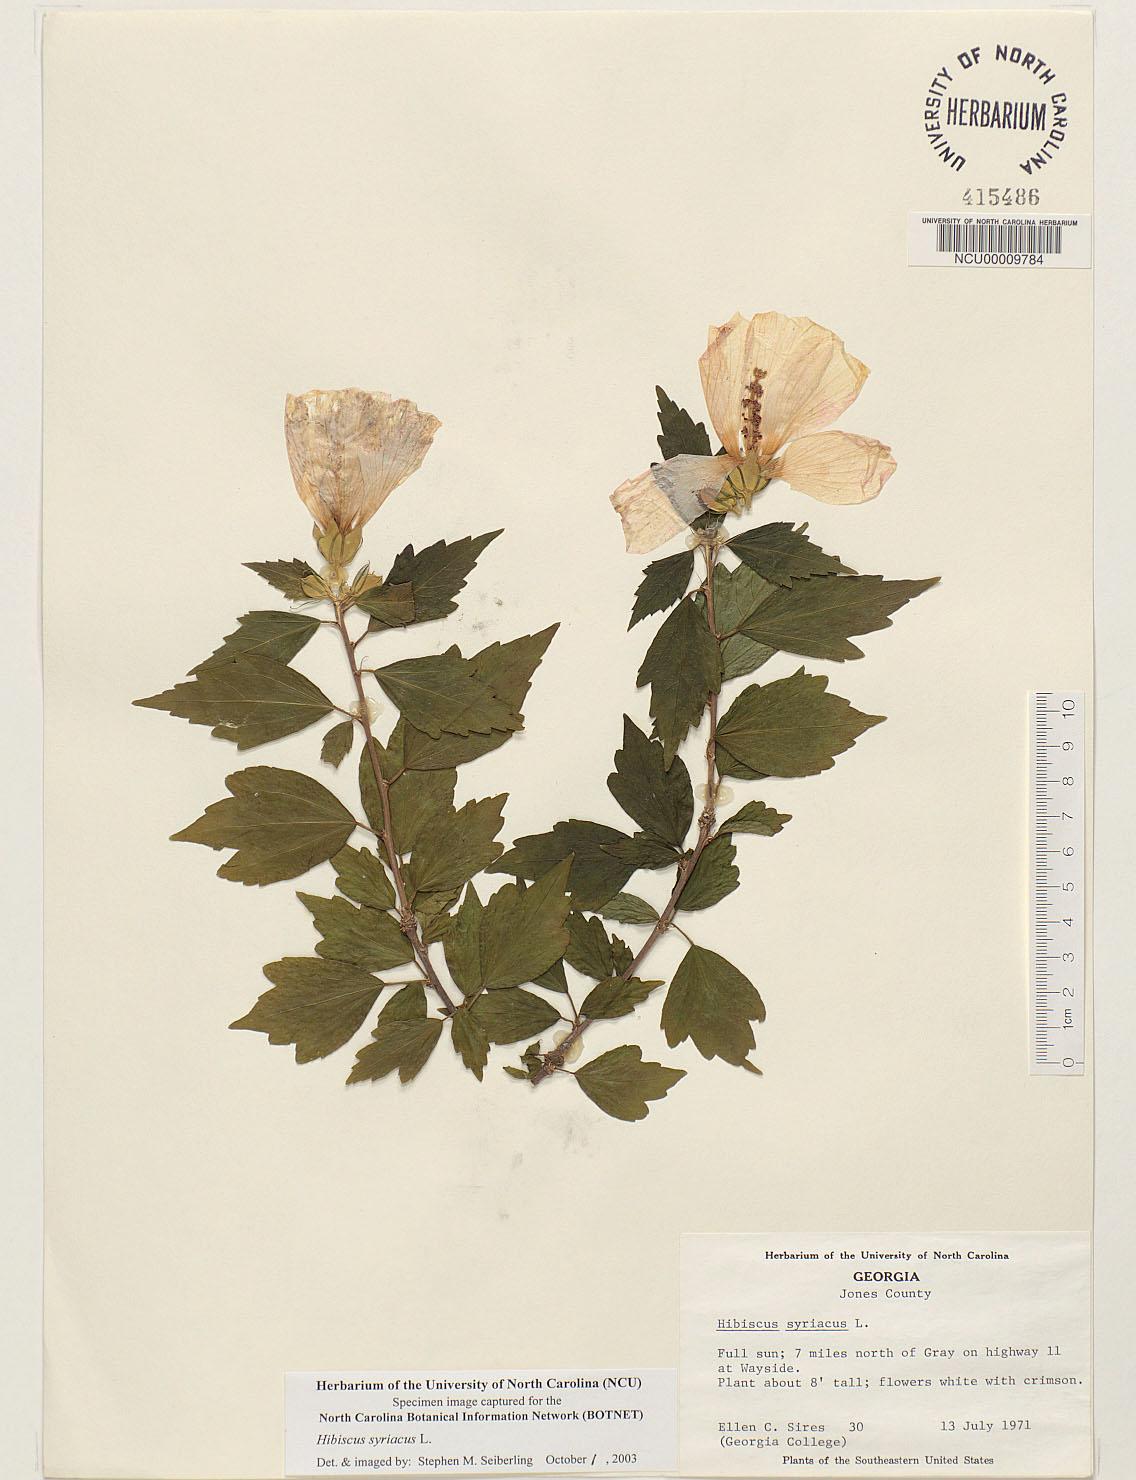 Plant information center hibiscus syriacus herbarium sheet image thumbnail herbarium sheet image thumbnail izmirmasajfo